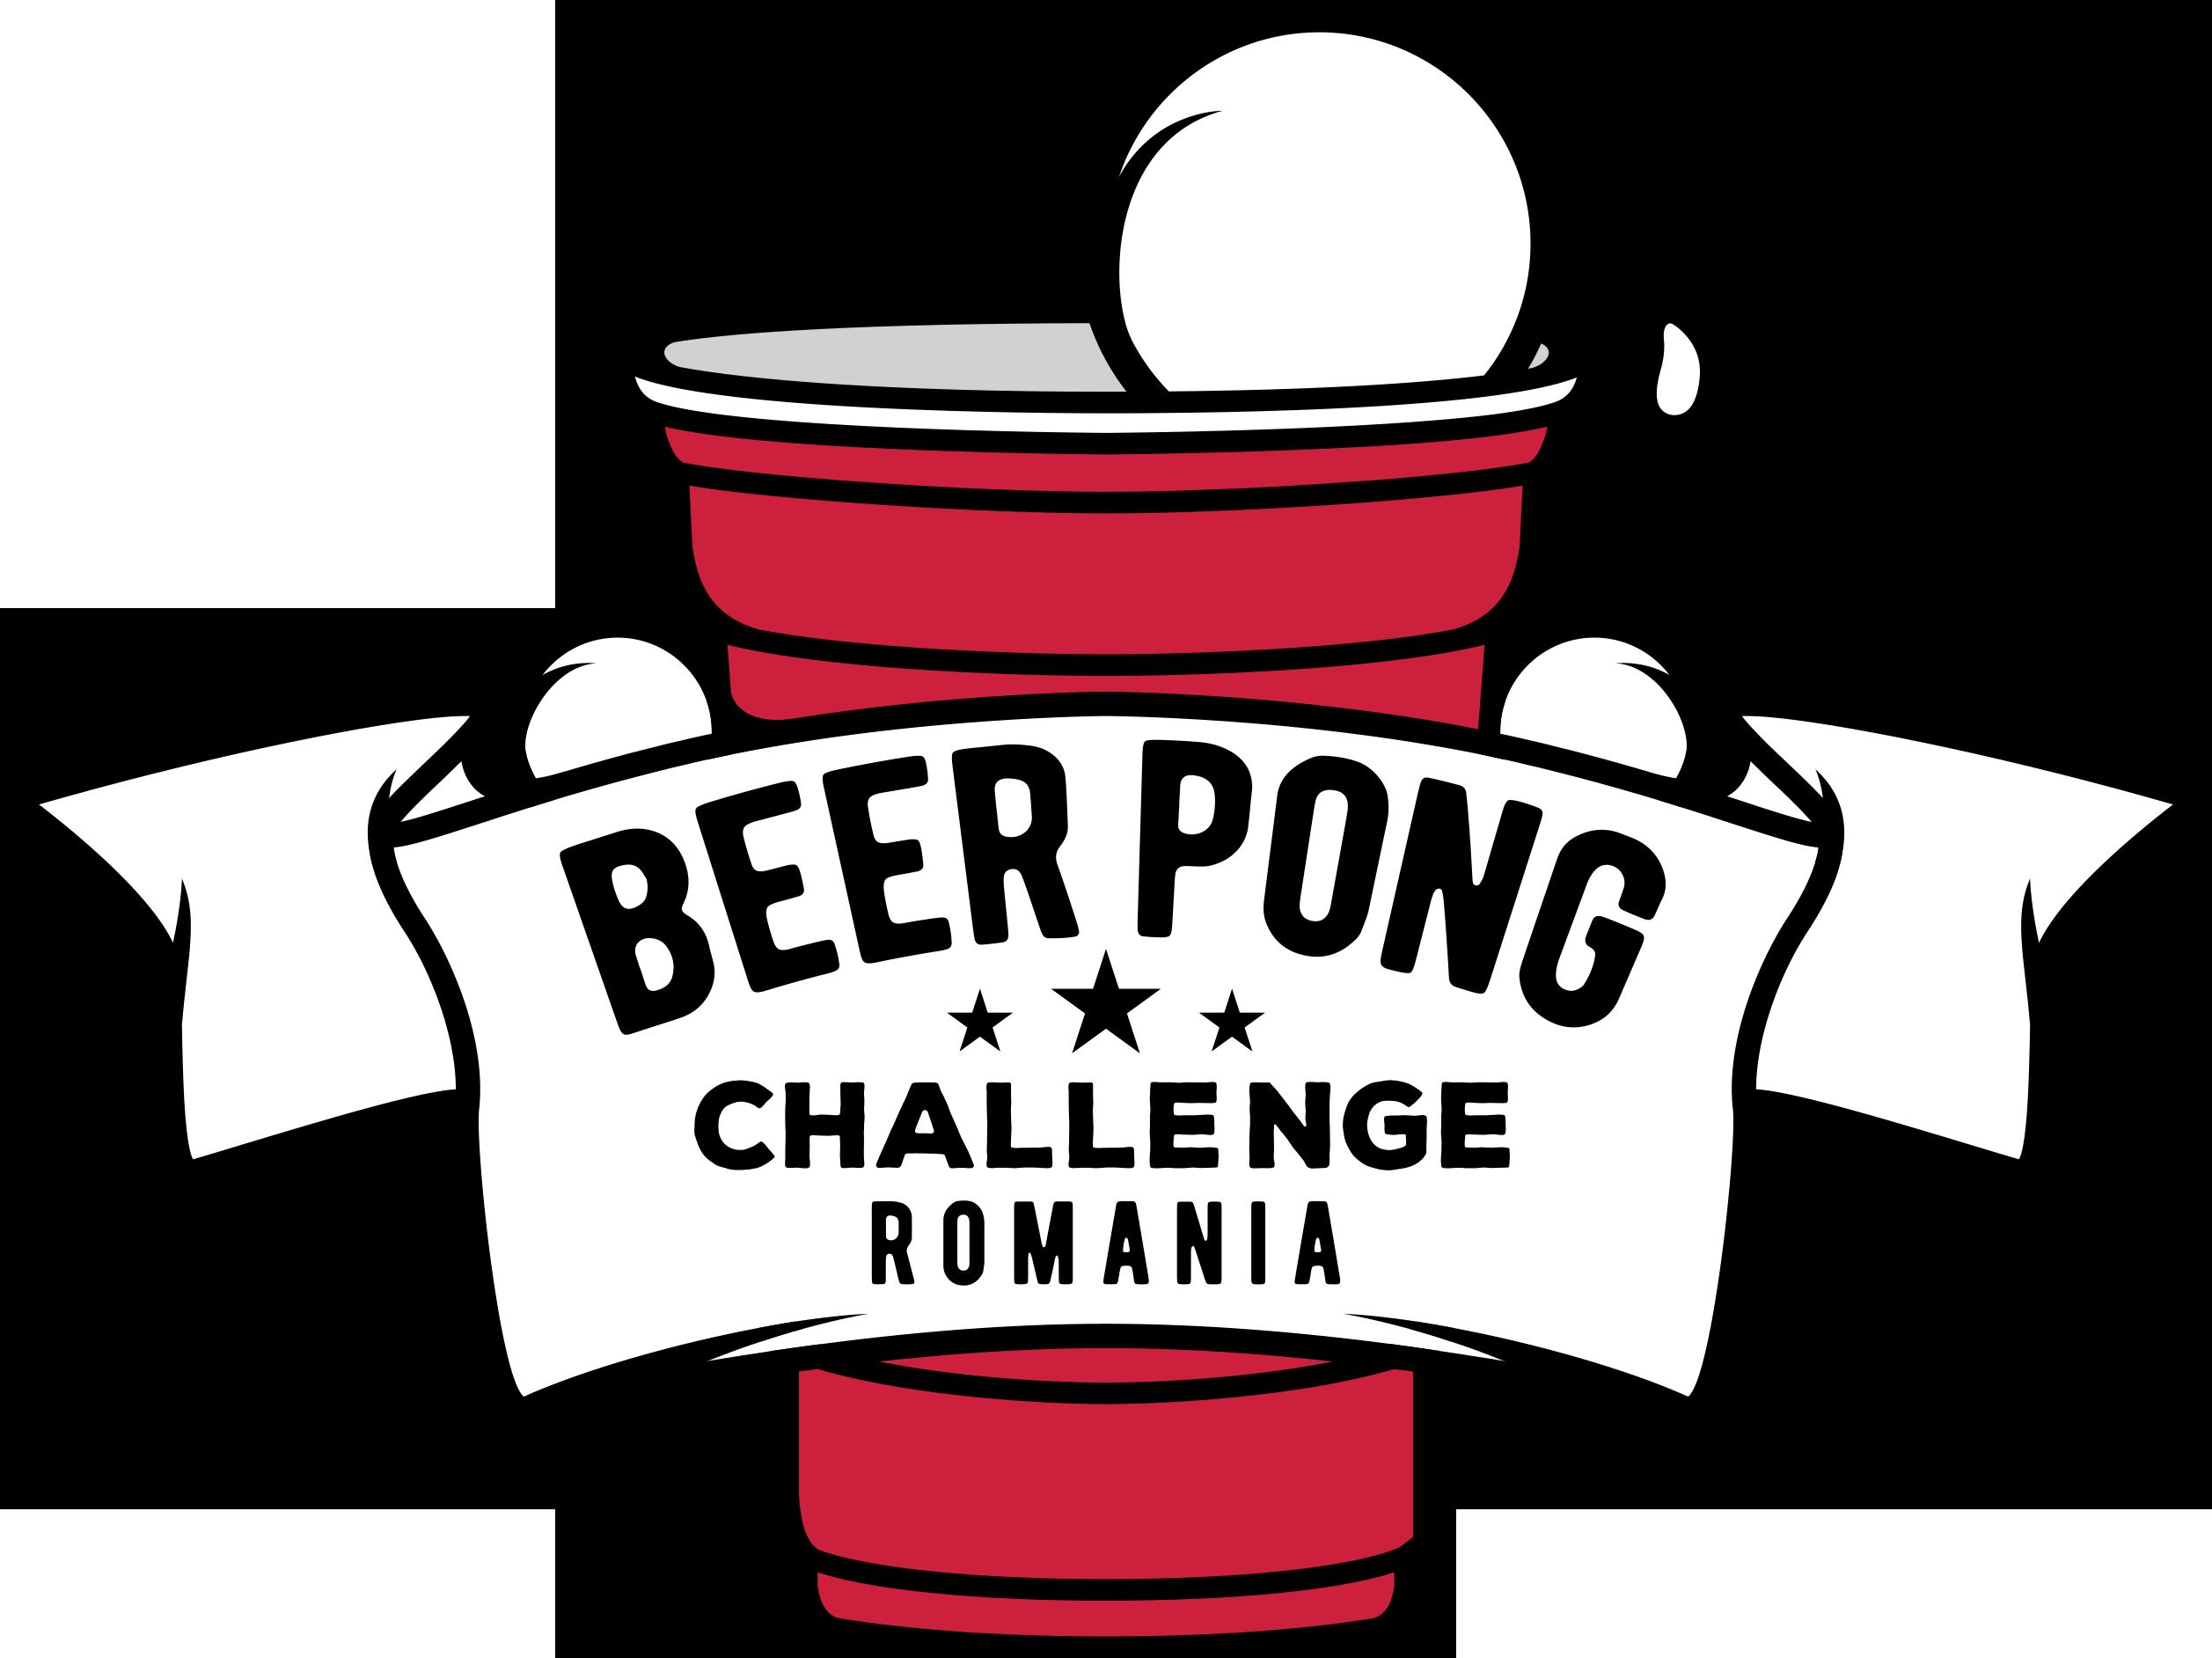 BeerPong Romania logo